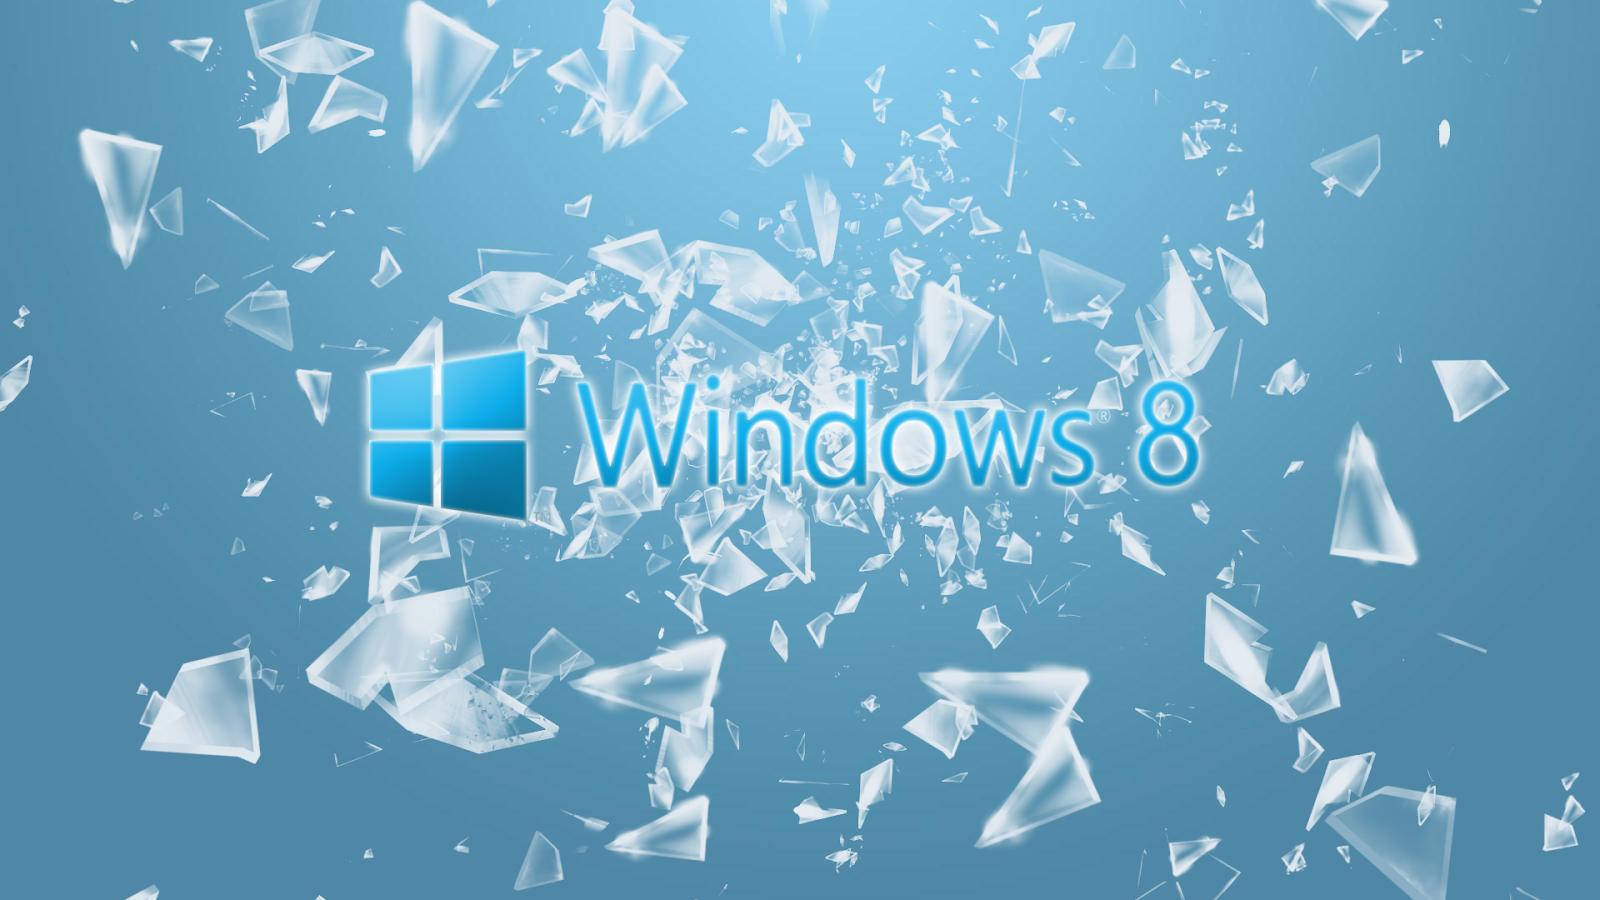 21 Situs Terbaik Penyedia Wallpaper Gratis Windows 8 Terbaru